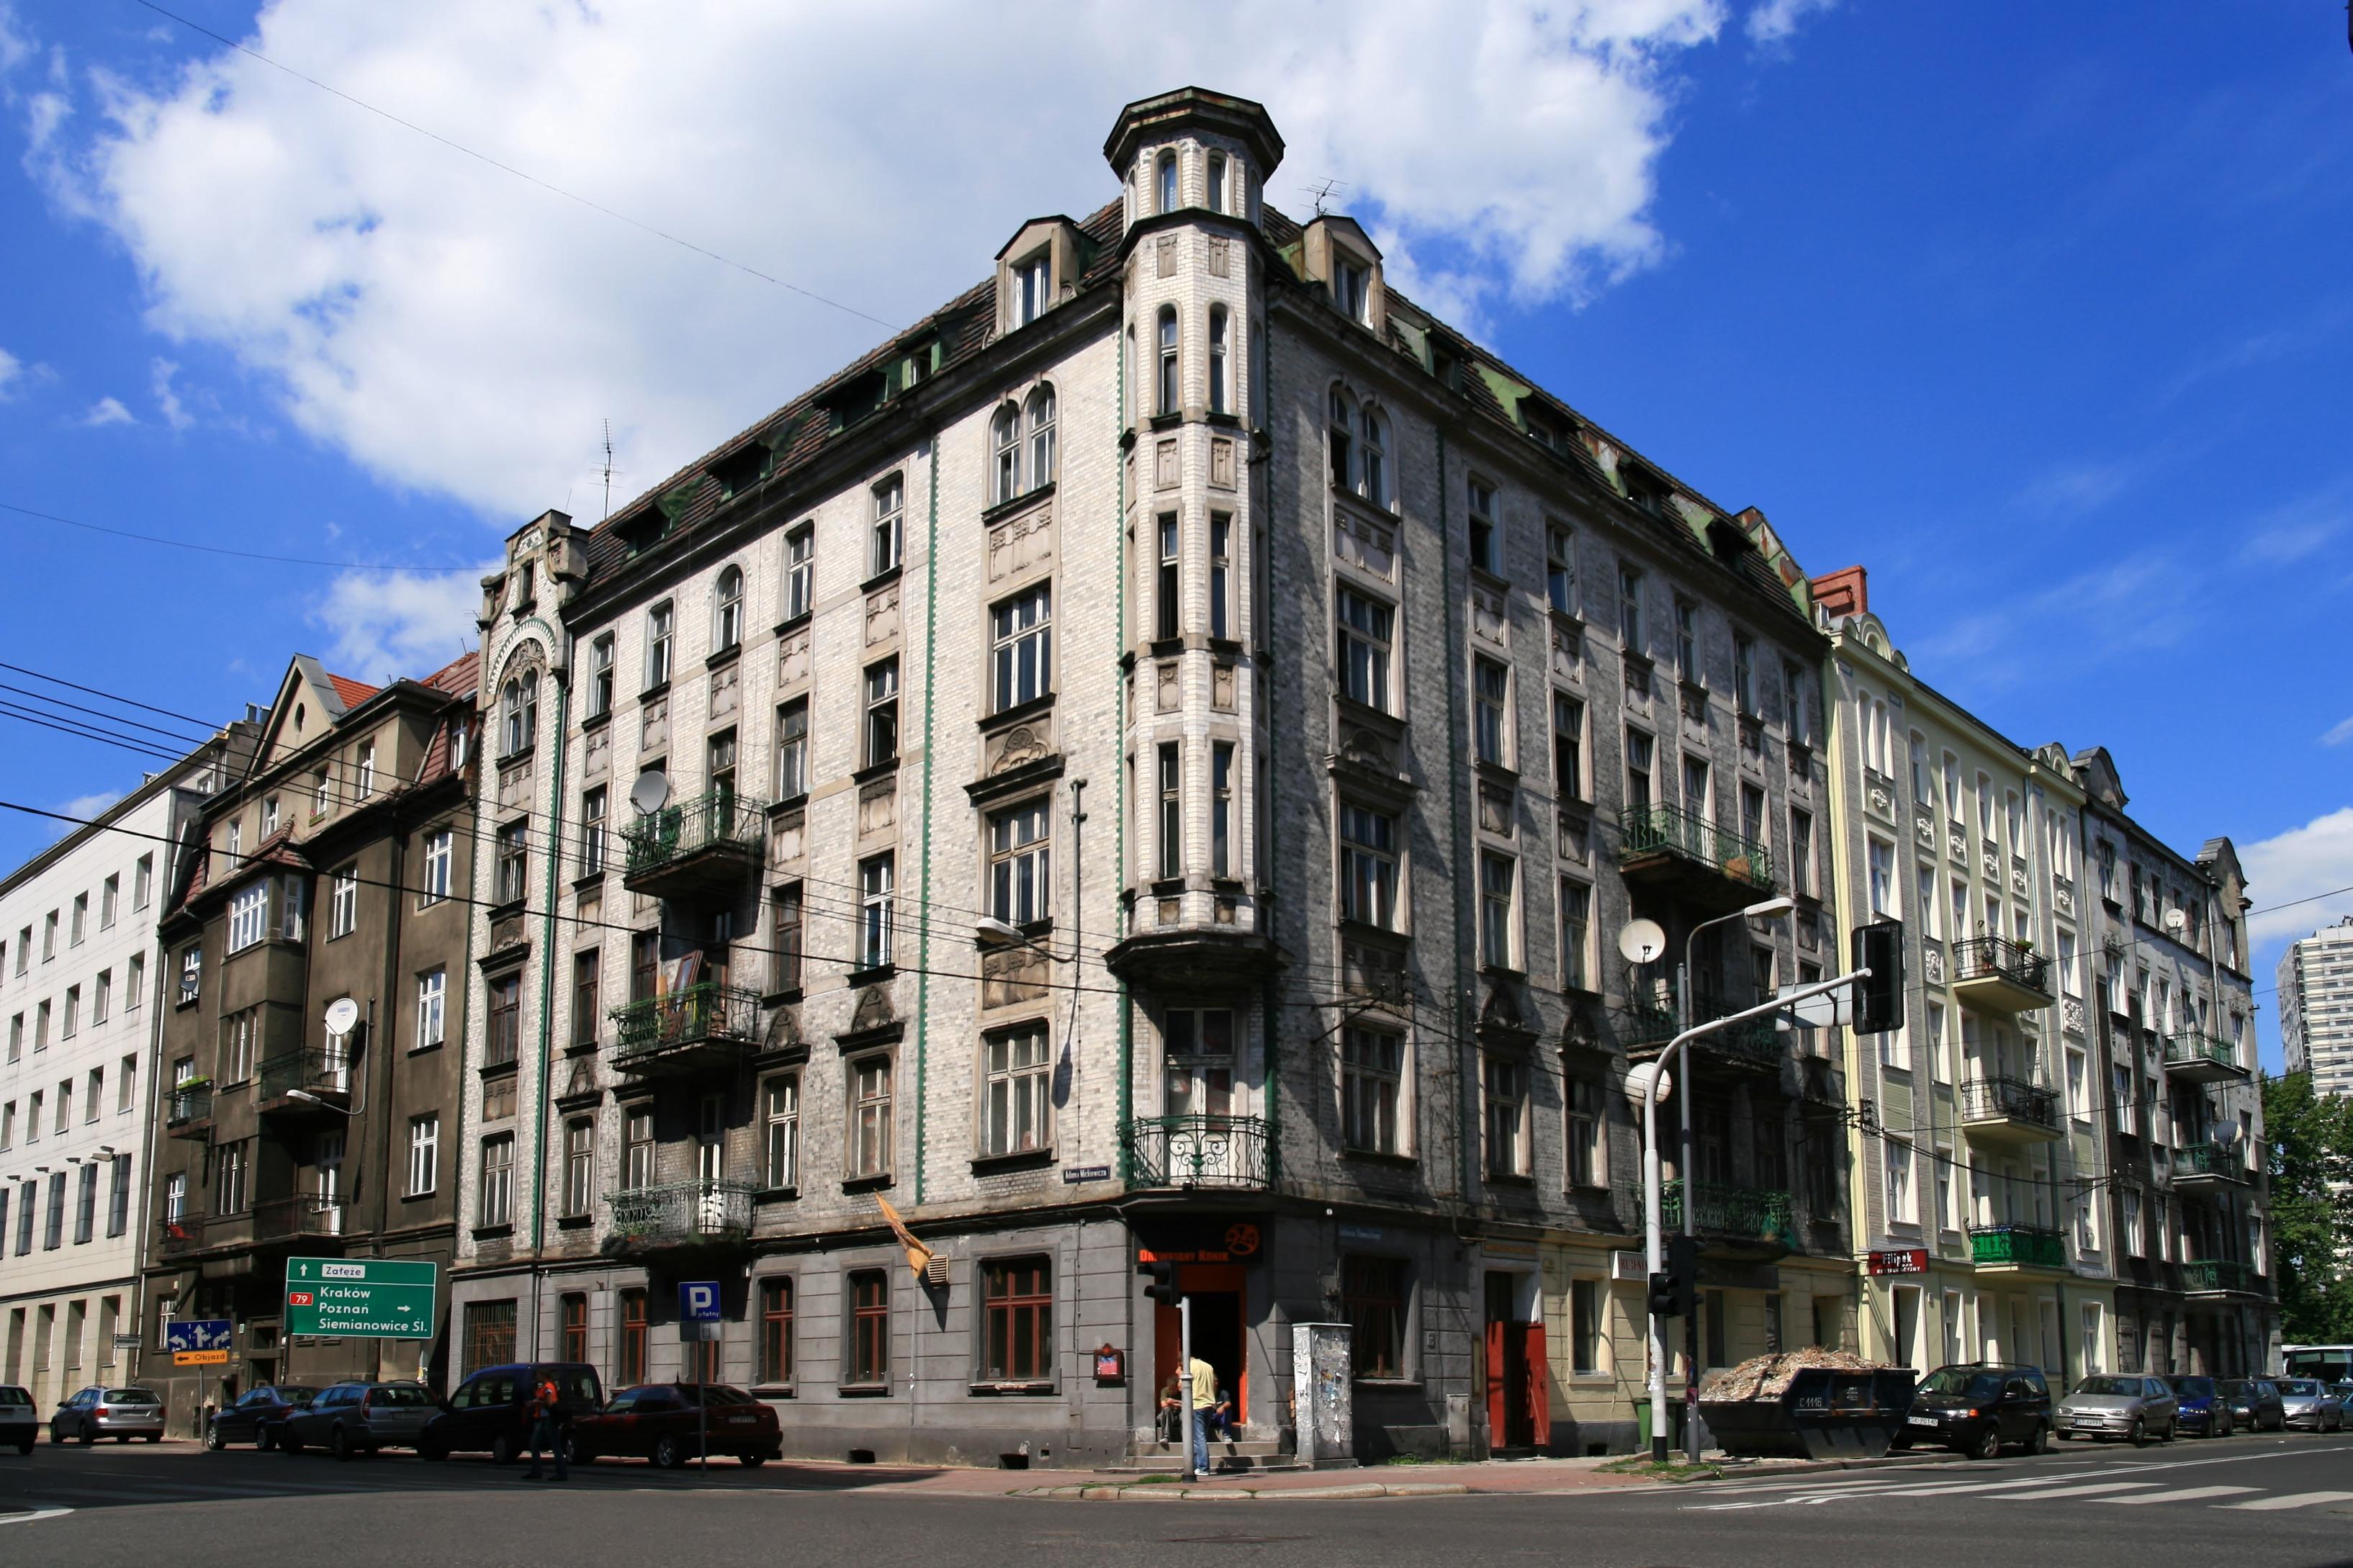 Ulica Juliusza Słowackiego w Katowicach